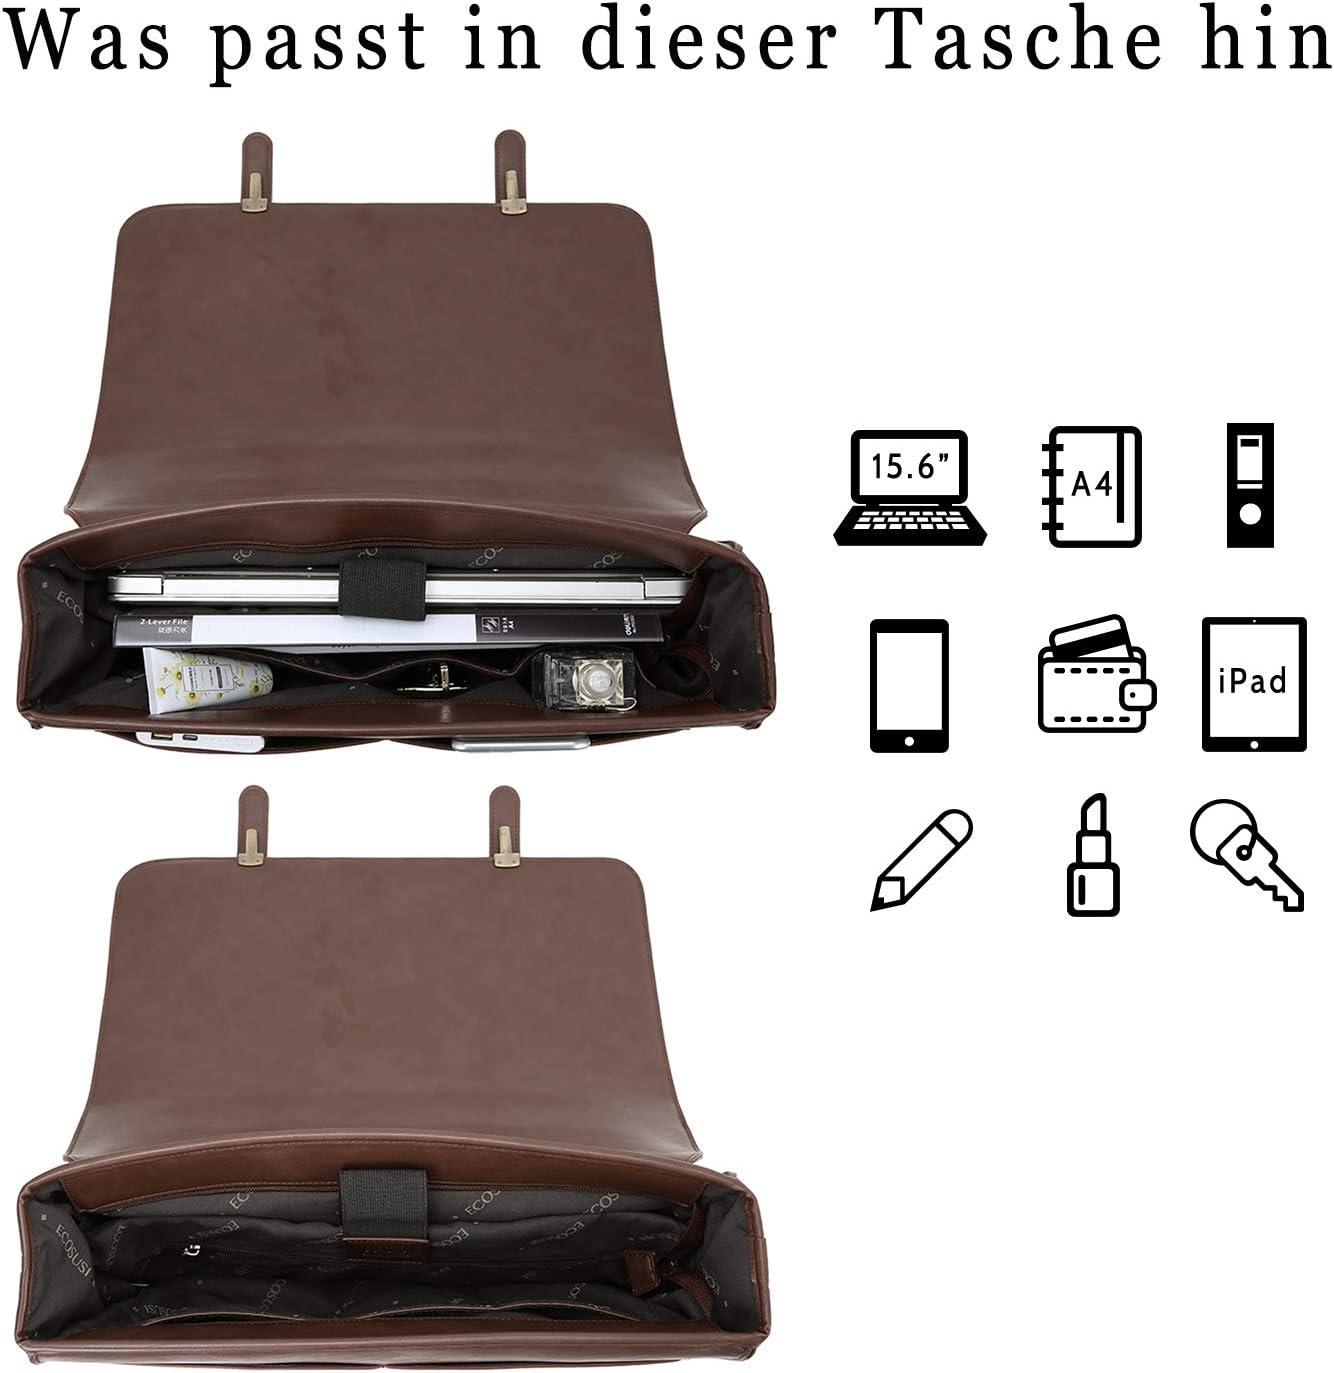 ECOSUSI Aktentasche Damen Laptoptasche 15,6 Zoll Vintage Umh/ängetasche mit Abnehmbarer Schleife Schultasche Kaffee